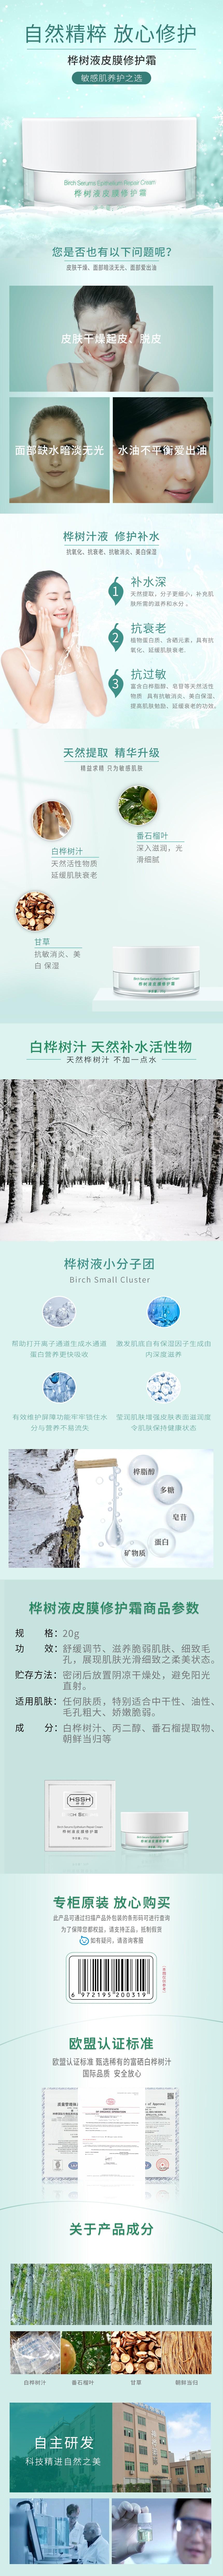 桦树液皮膜修护霜-详情.jpg